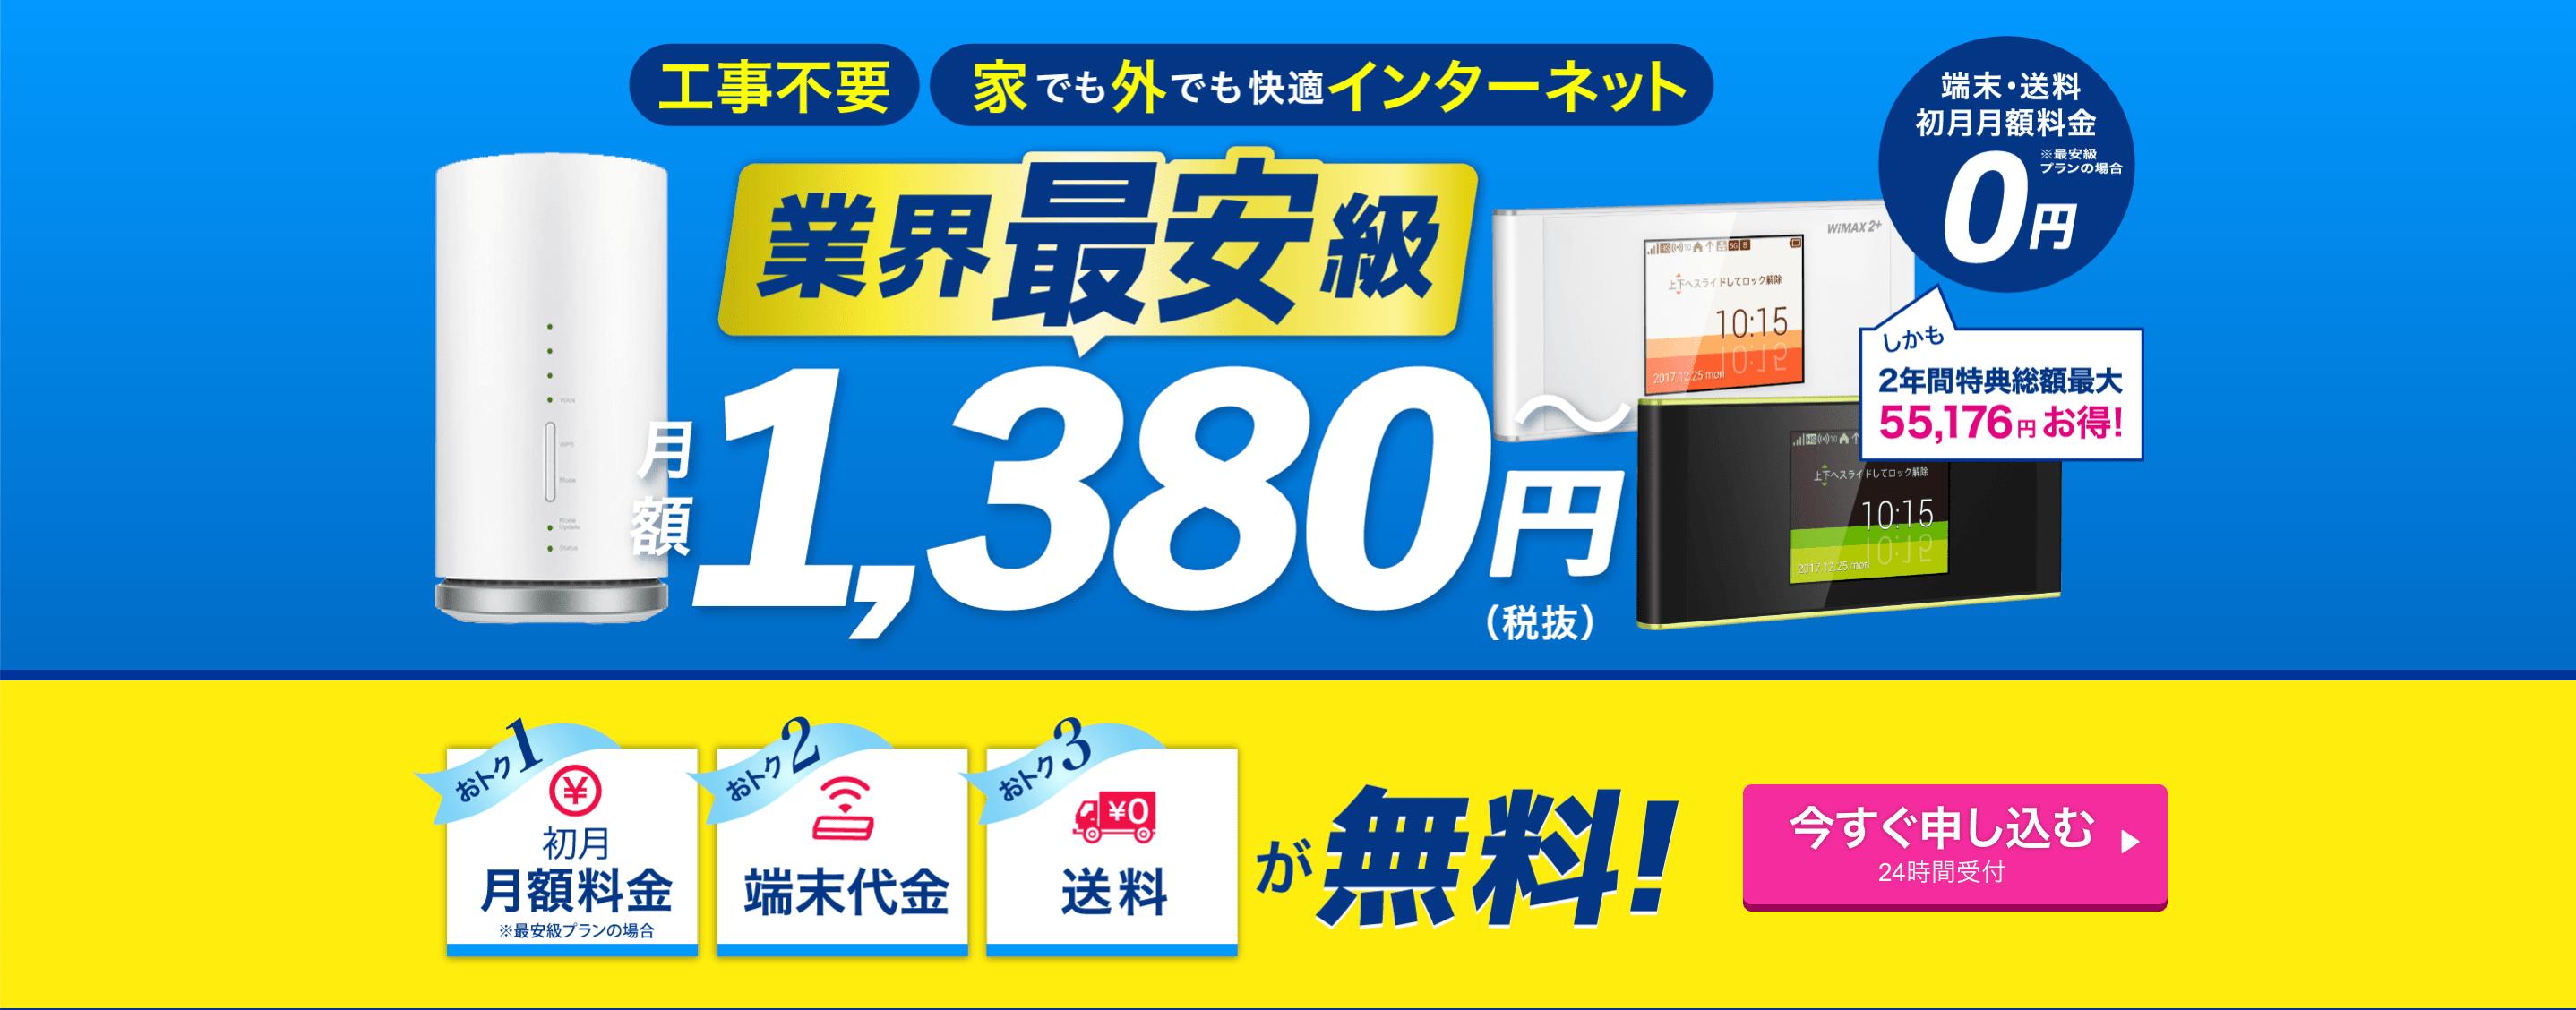 カシモWiMAXキャンペーンのスクリーンショット